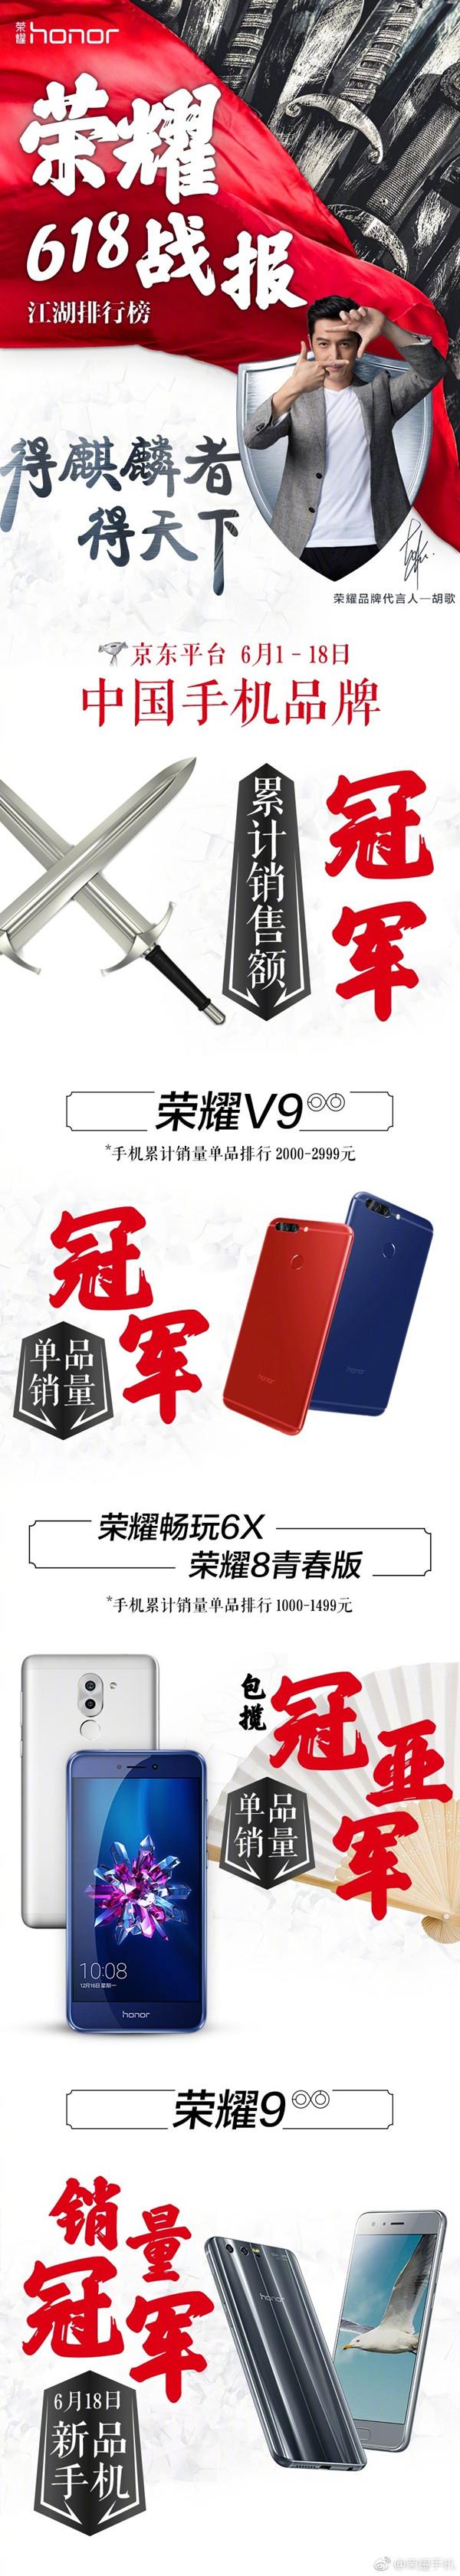 荣耀手机618战报